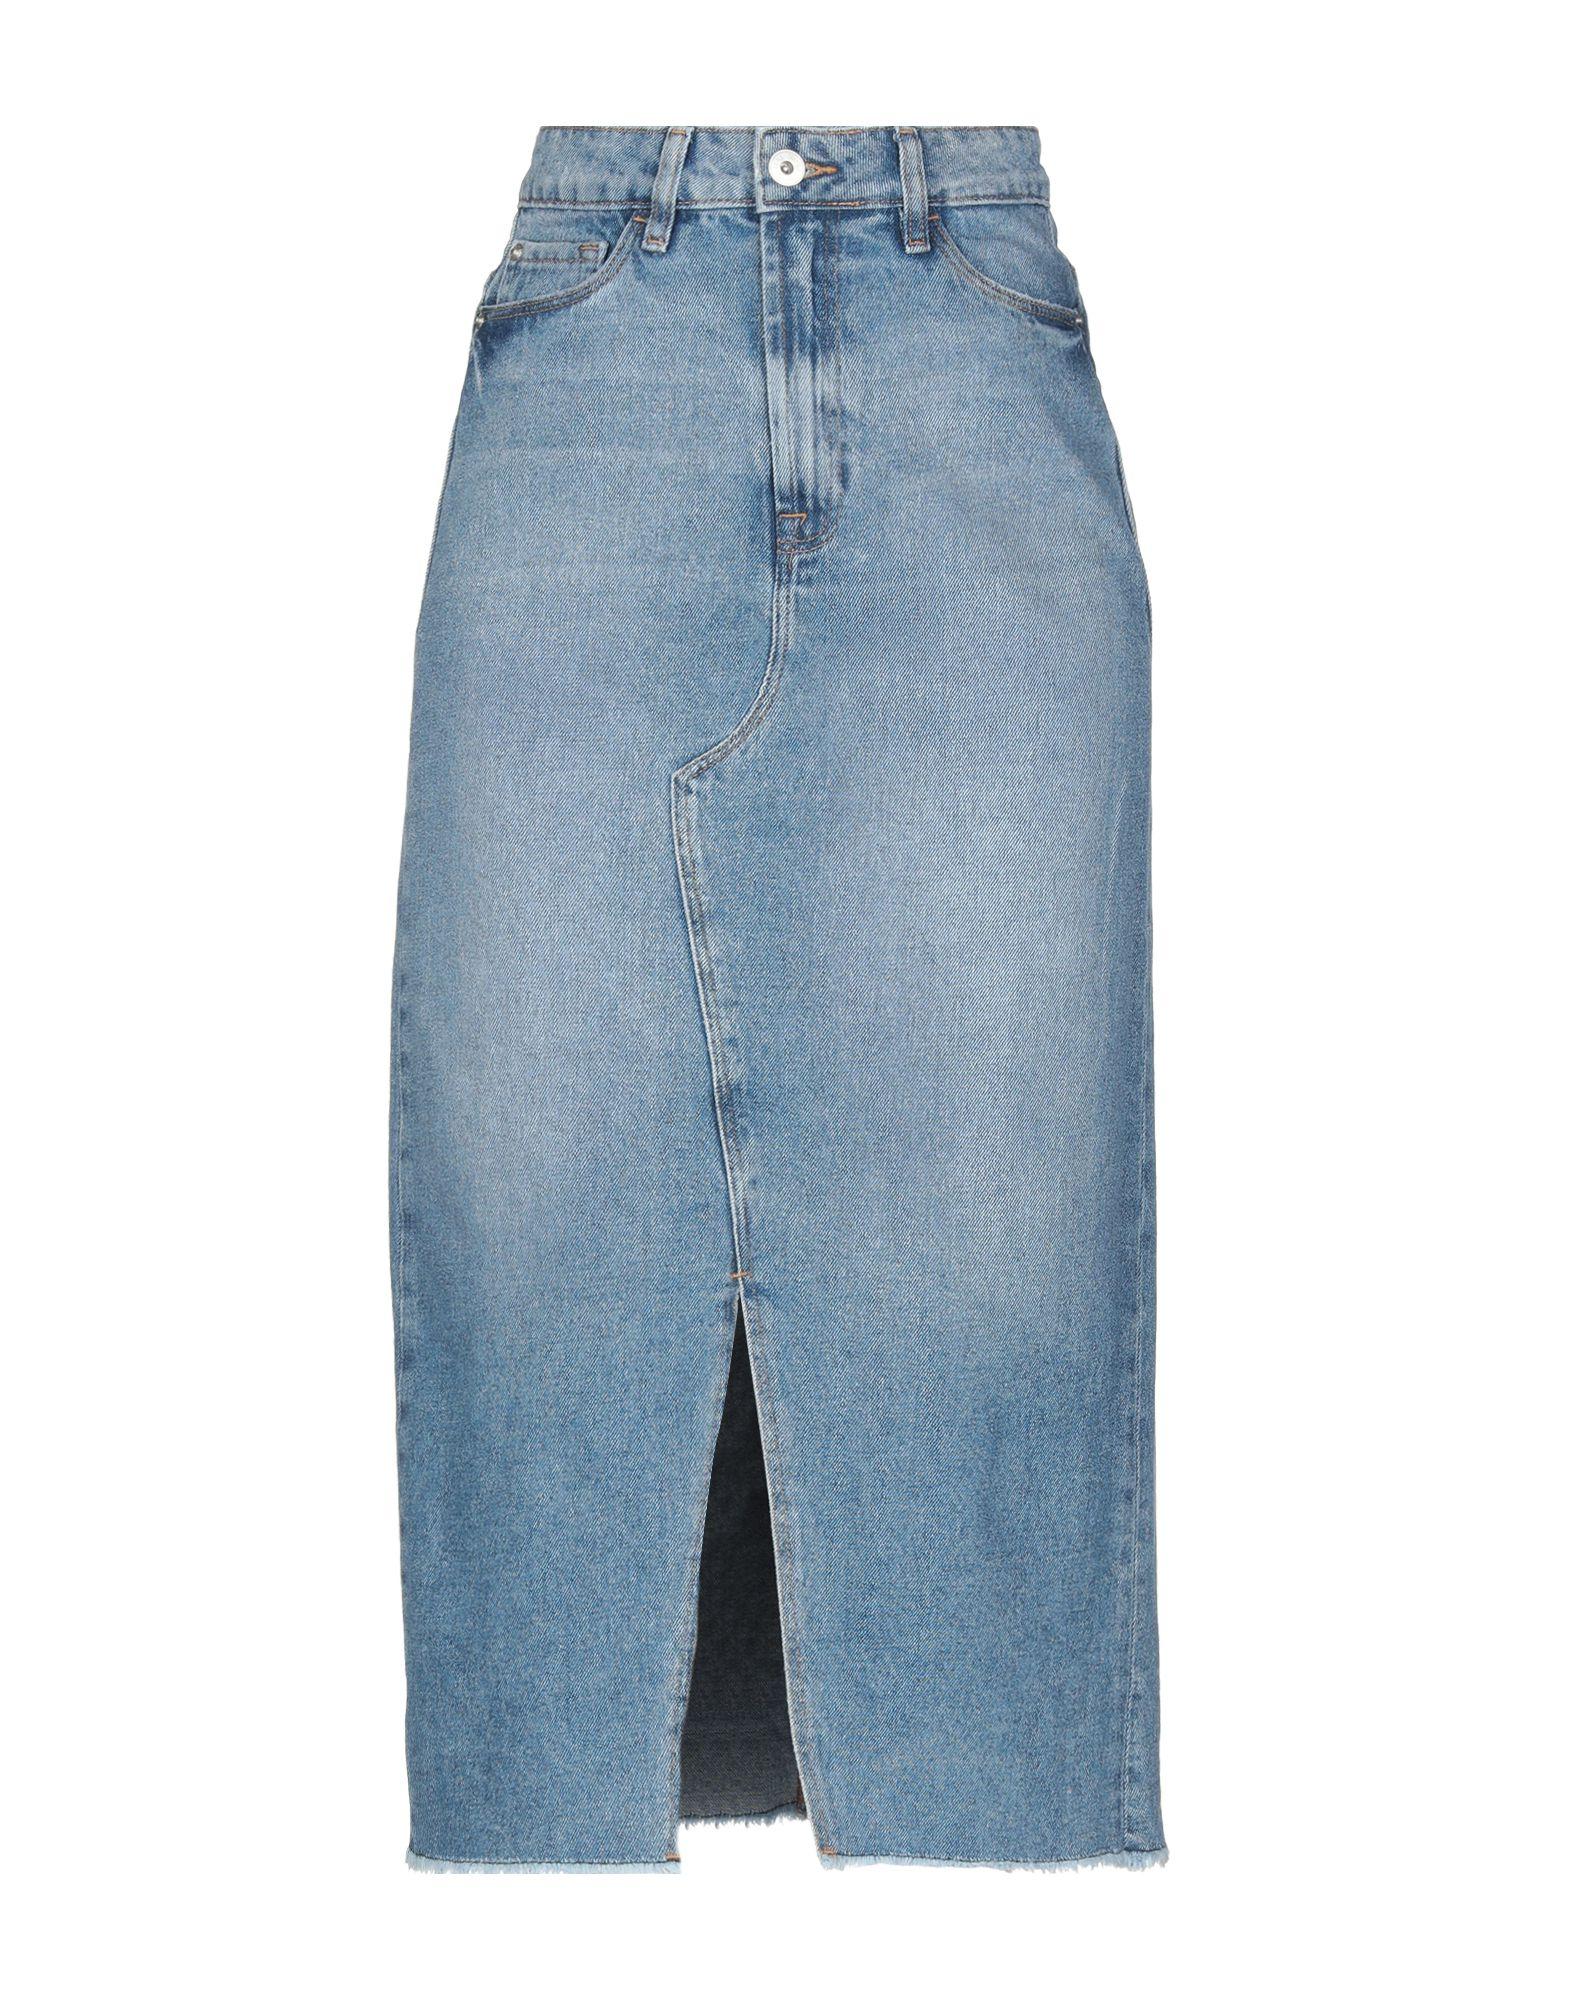 《送料無料》ICHI レディース デニムスカート ブルー 34 コットン 100%